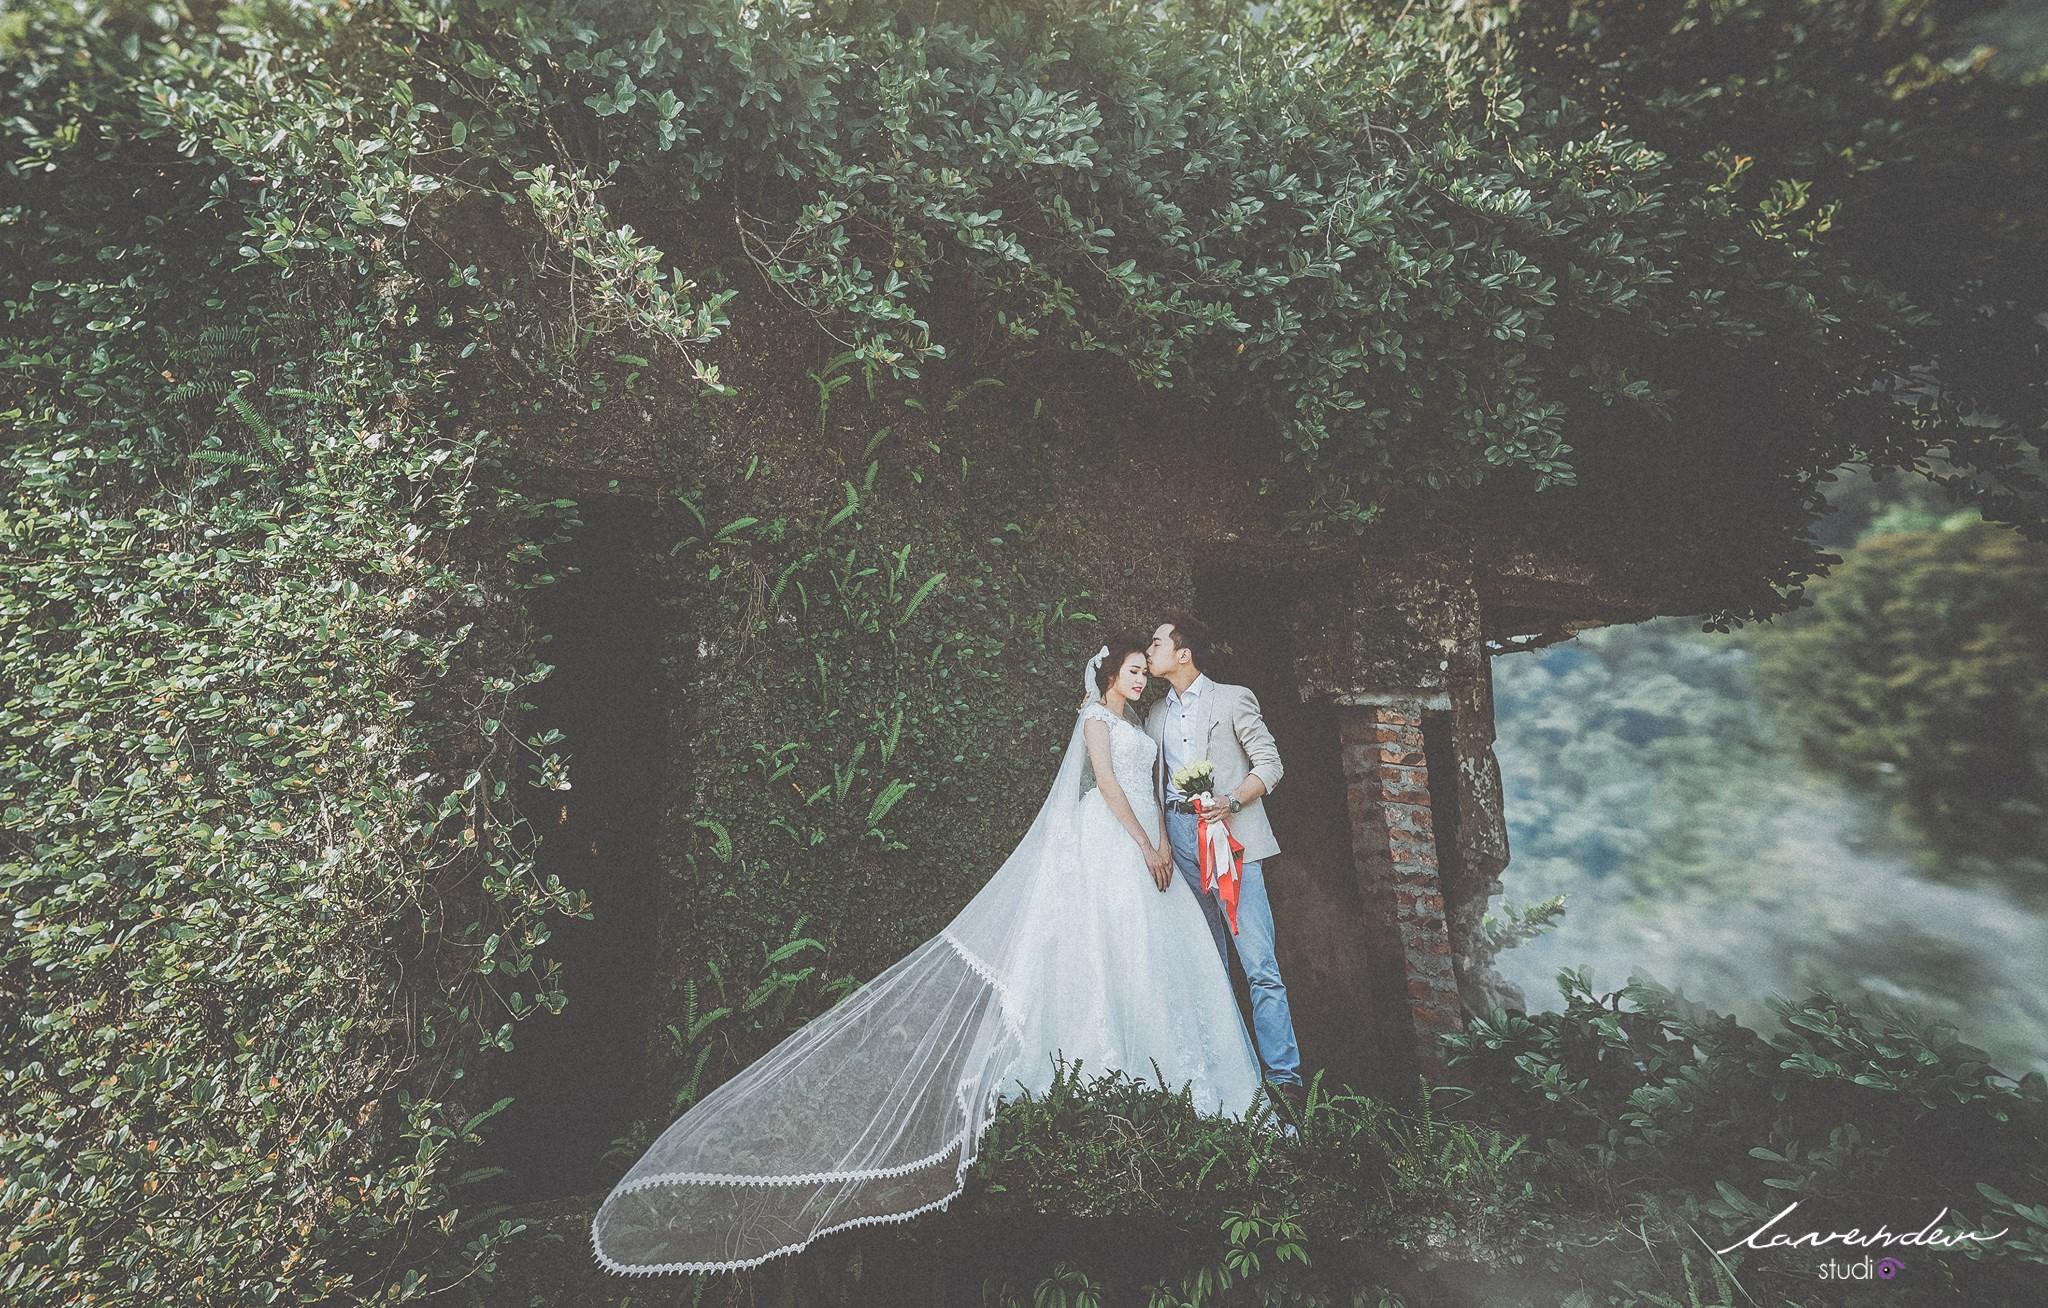 xu hướng chup hình cưới độc đáo